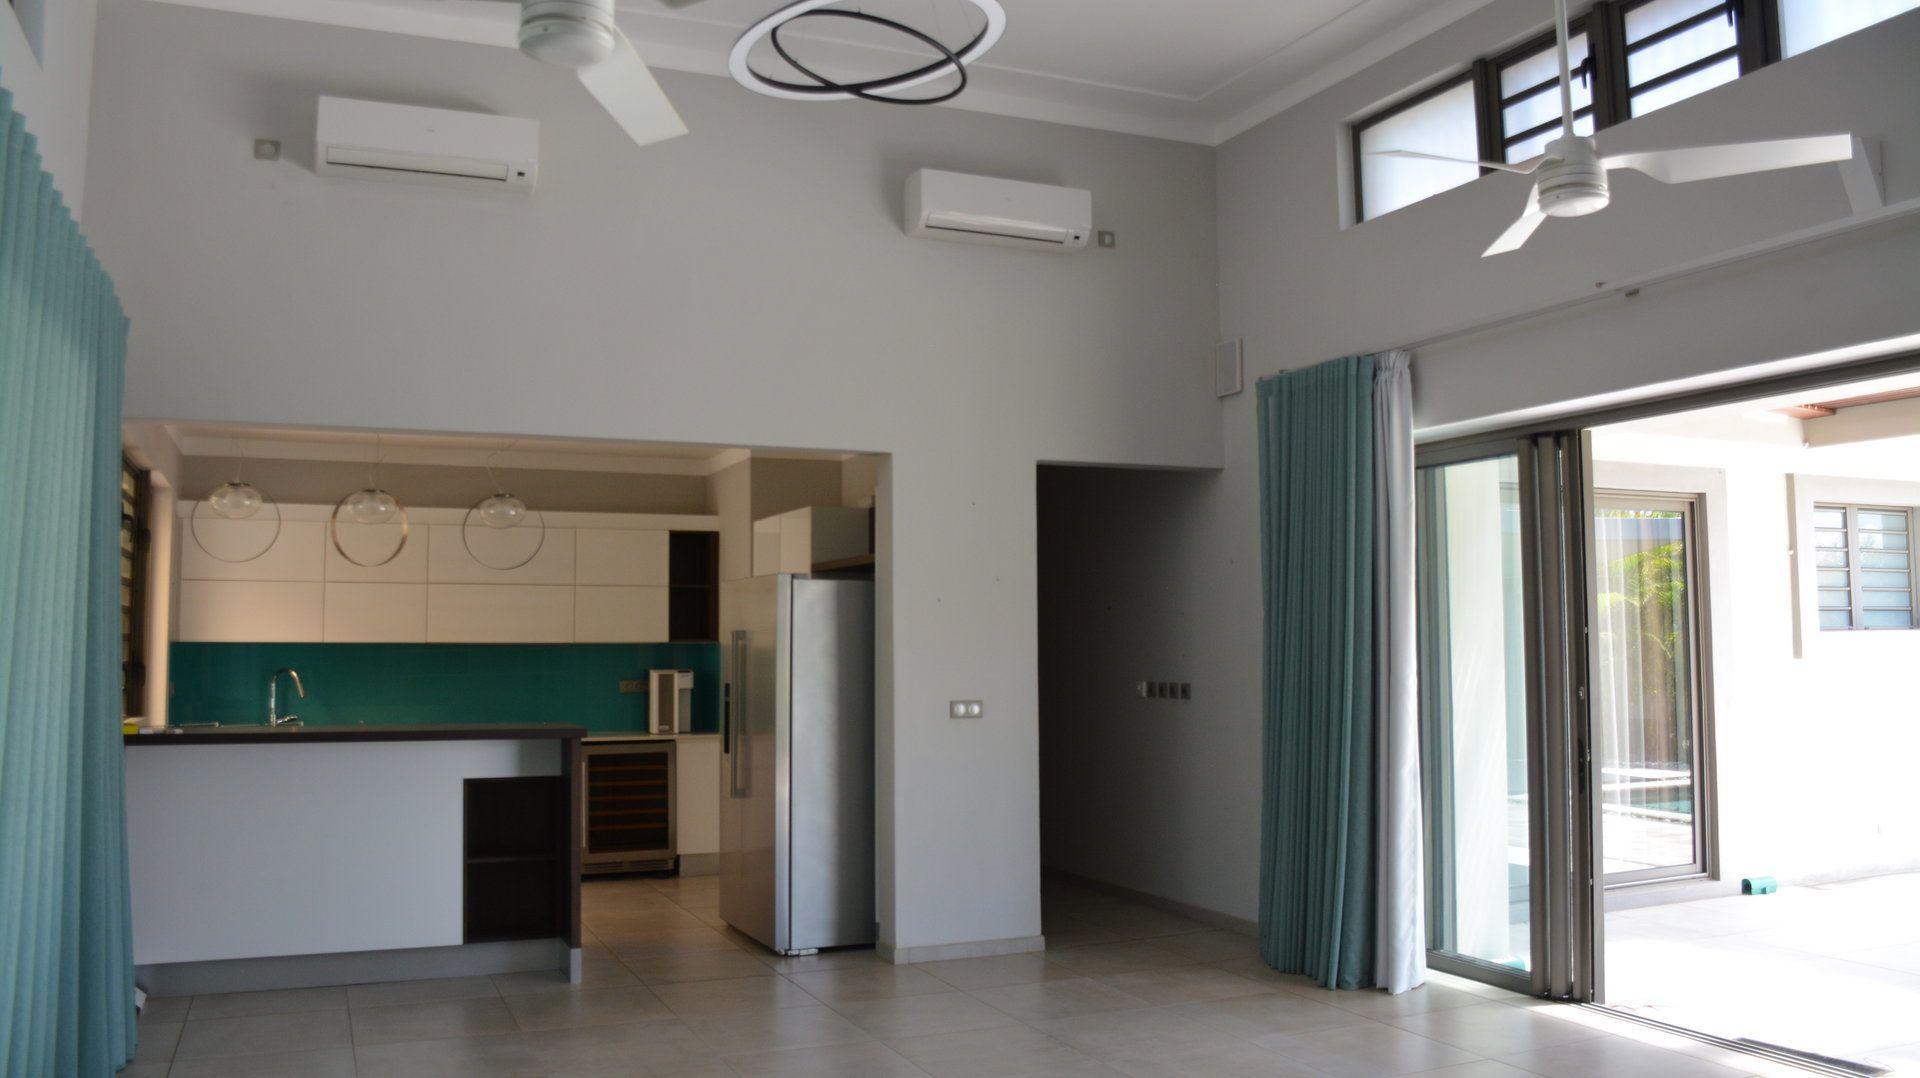 Maison à vendre 4 223m2 à Ile Maurice vignette-21